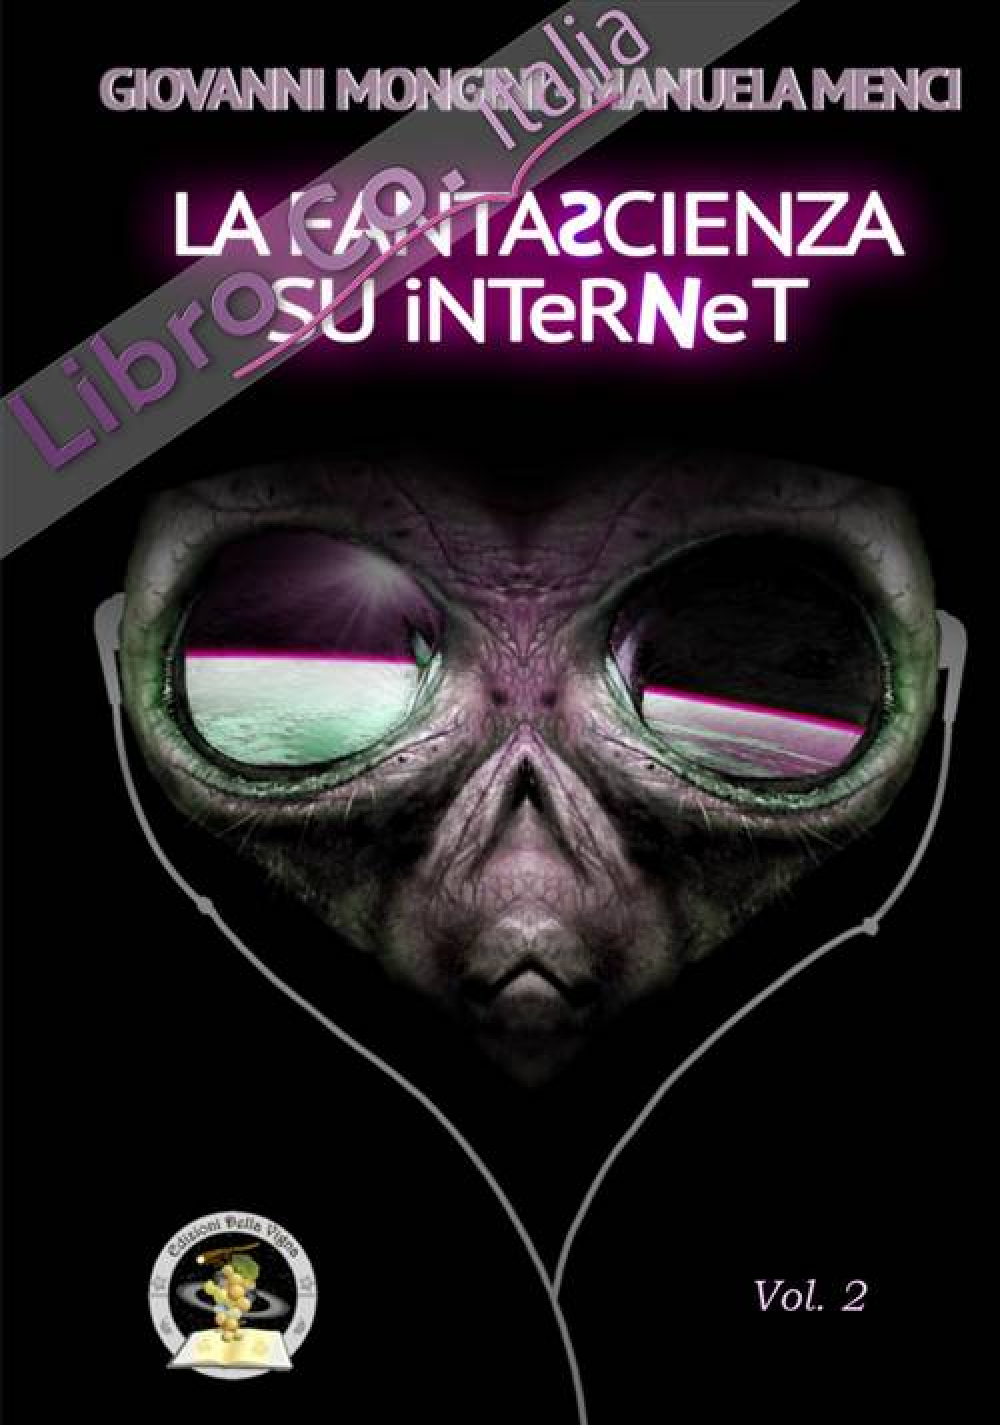 La fantascienza su Internet. Vol. 2